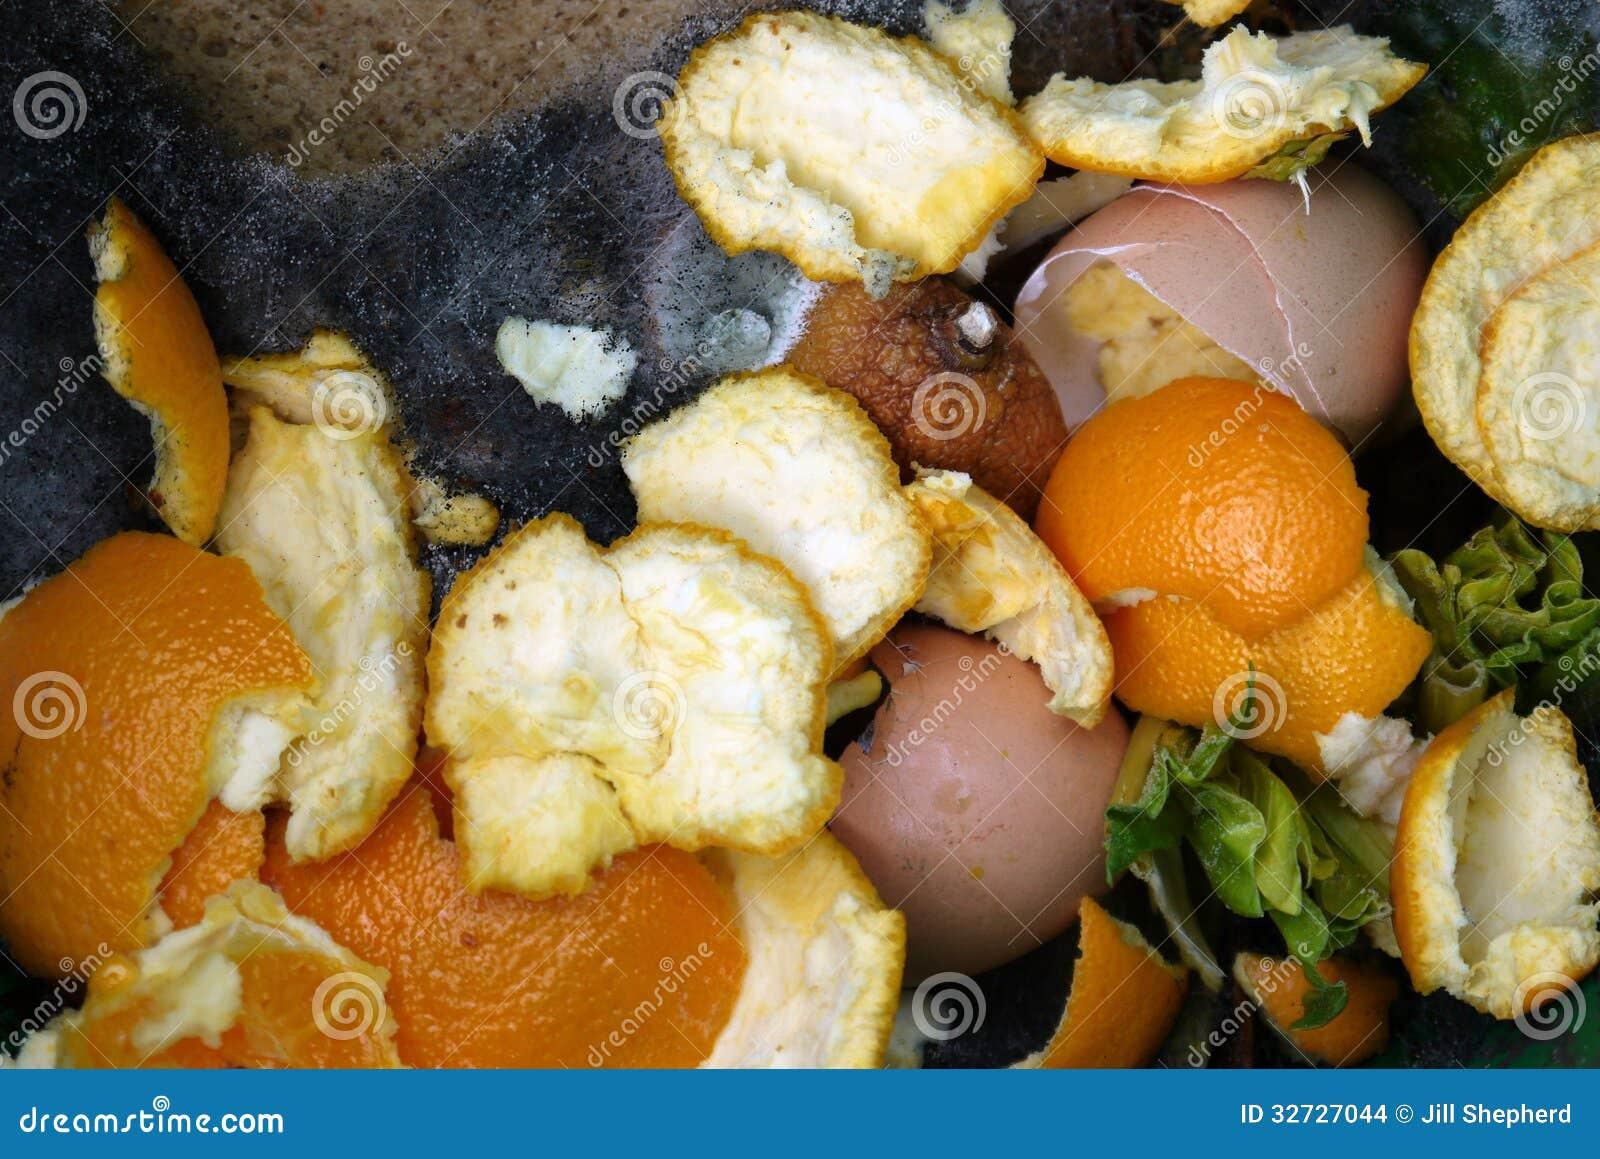 Hogar: cubo del estiércol vegetal con el detalle de descomposición de la comida